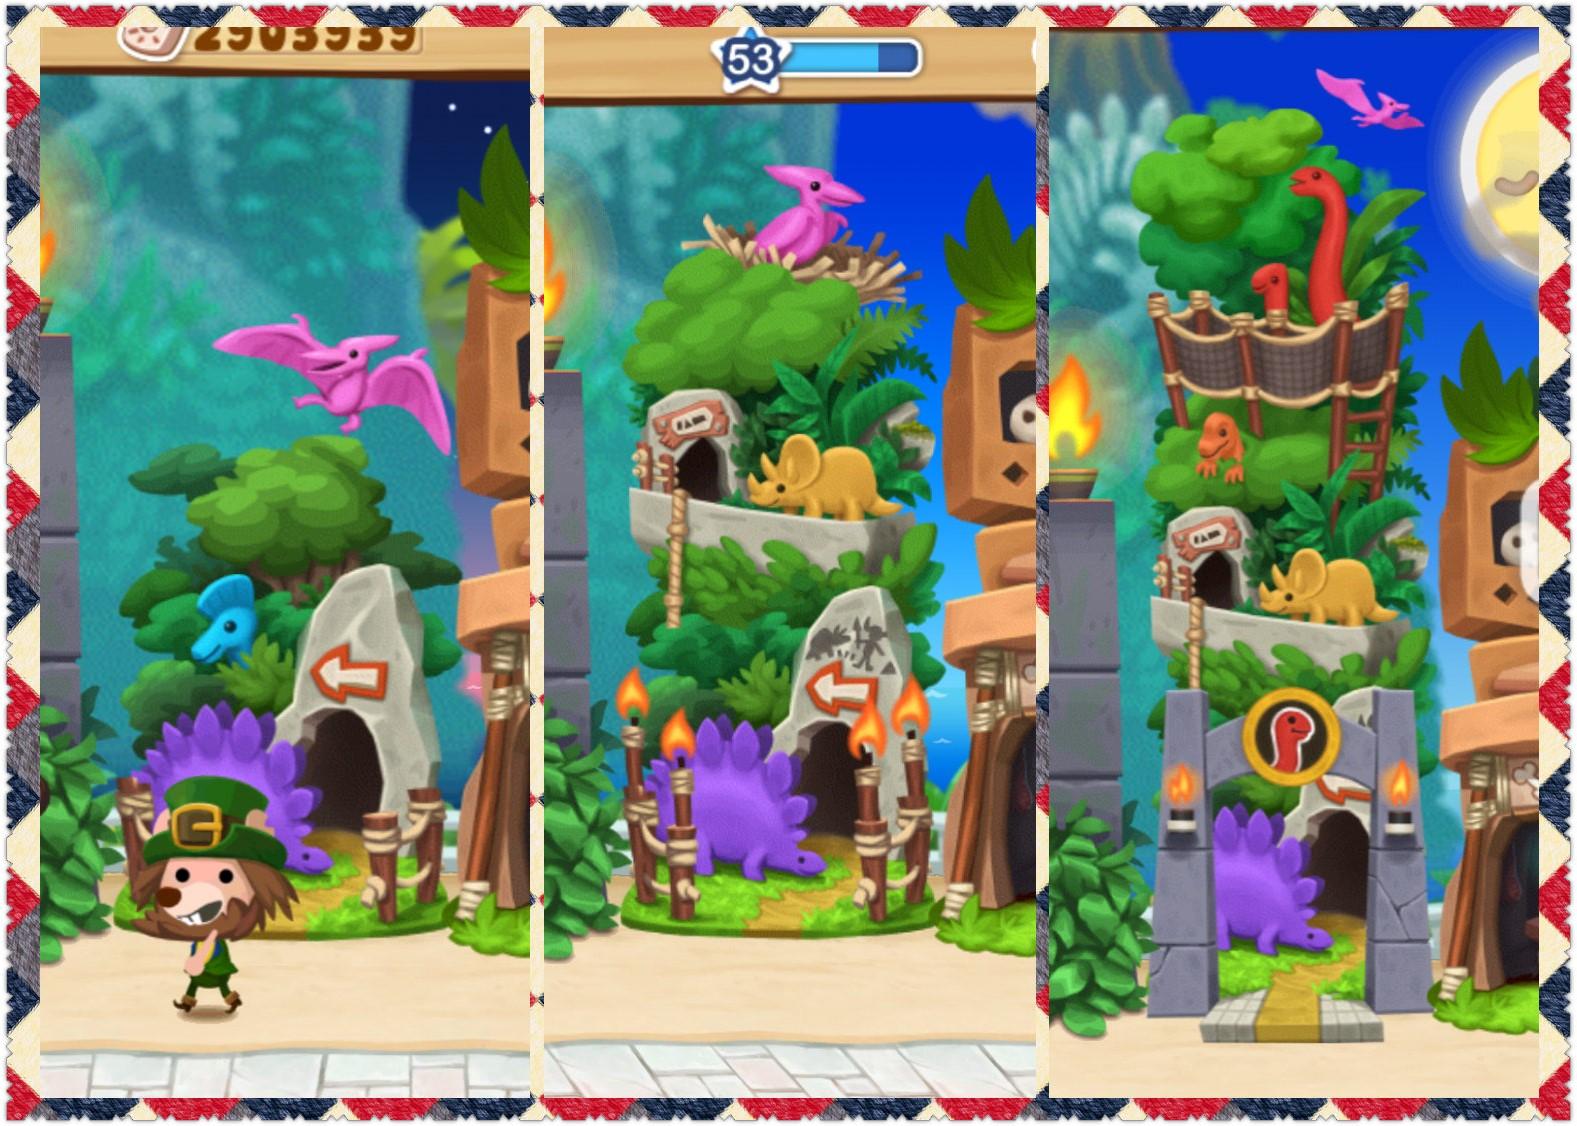 AuRa Treasury: My Favourite App Game - Happy Street by Godzi Lab